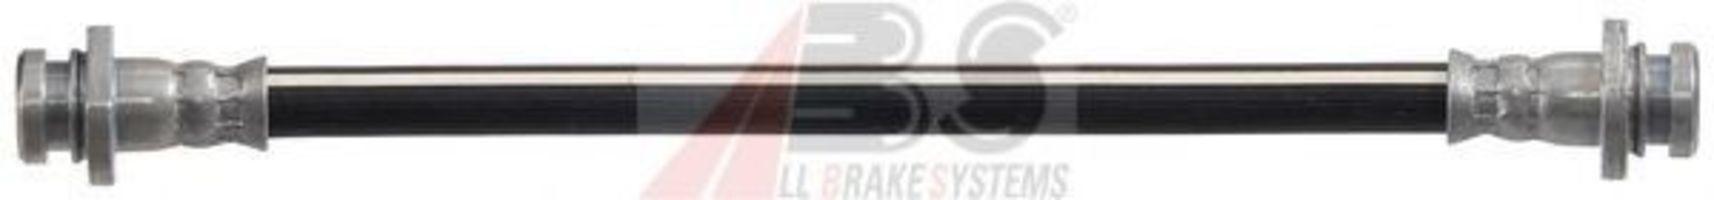 Шланг тормозной A.B.S. SL 3993